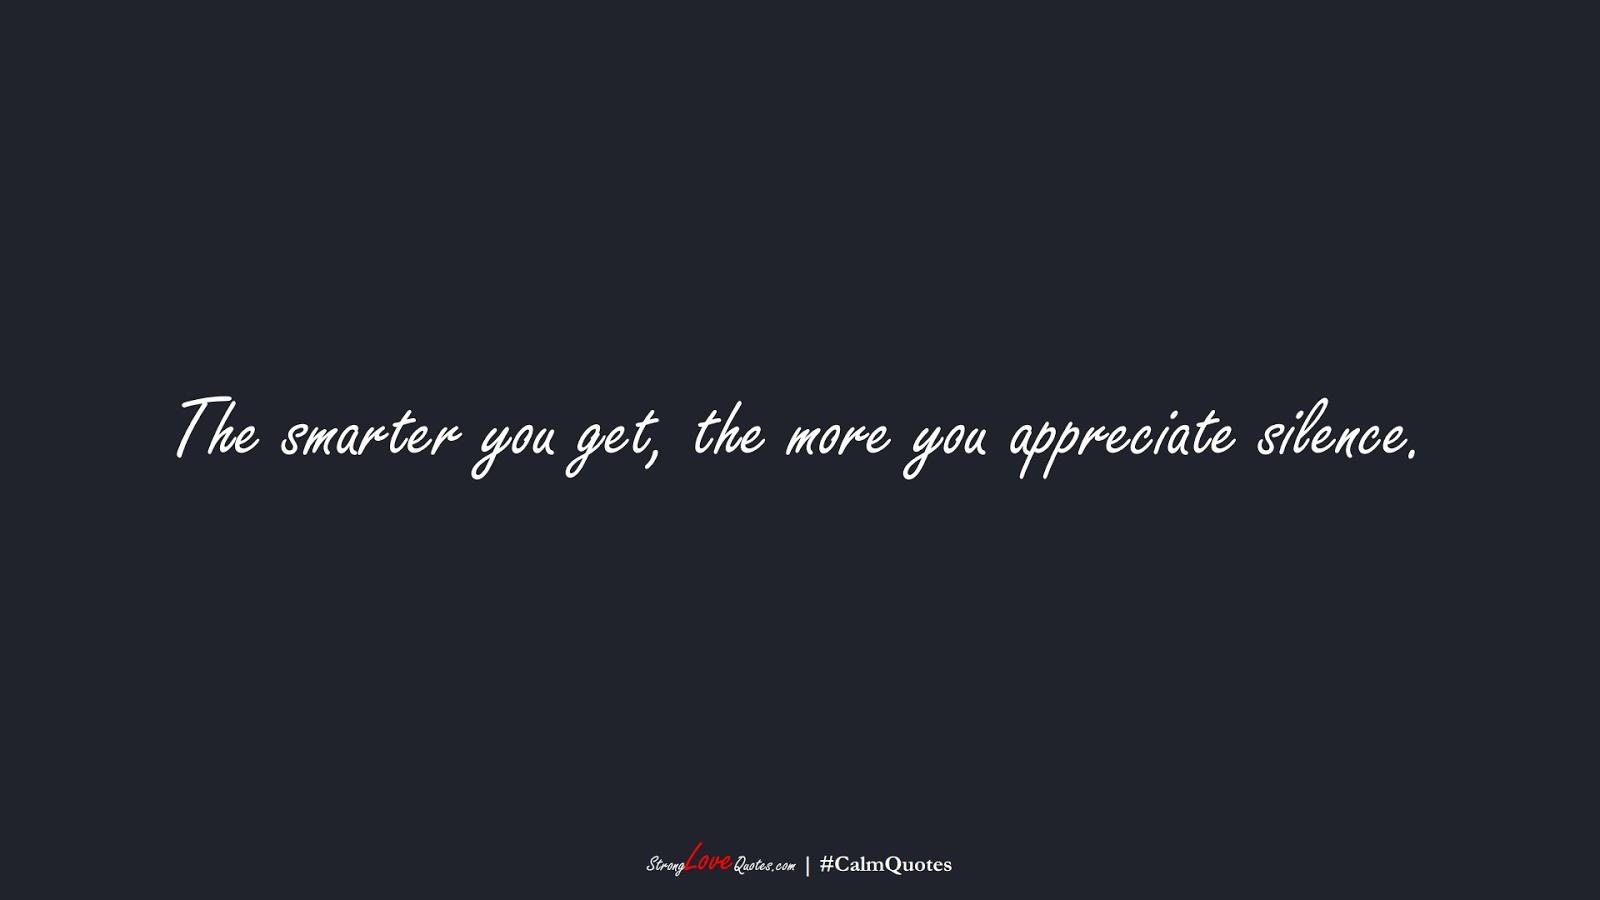 The smarter you get, the more you appreciate silence.FALSE